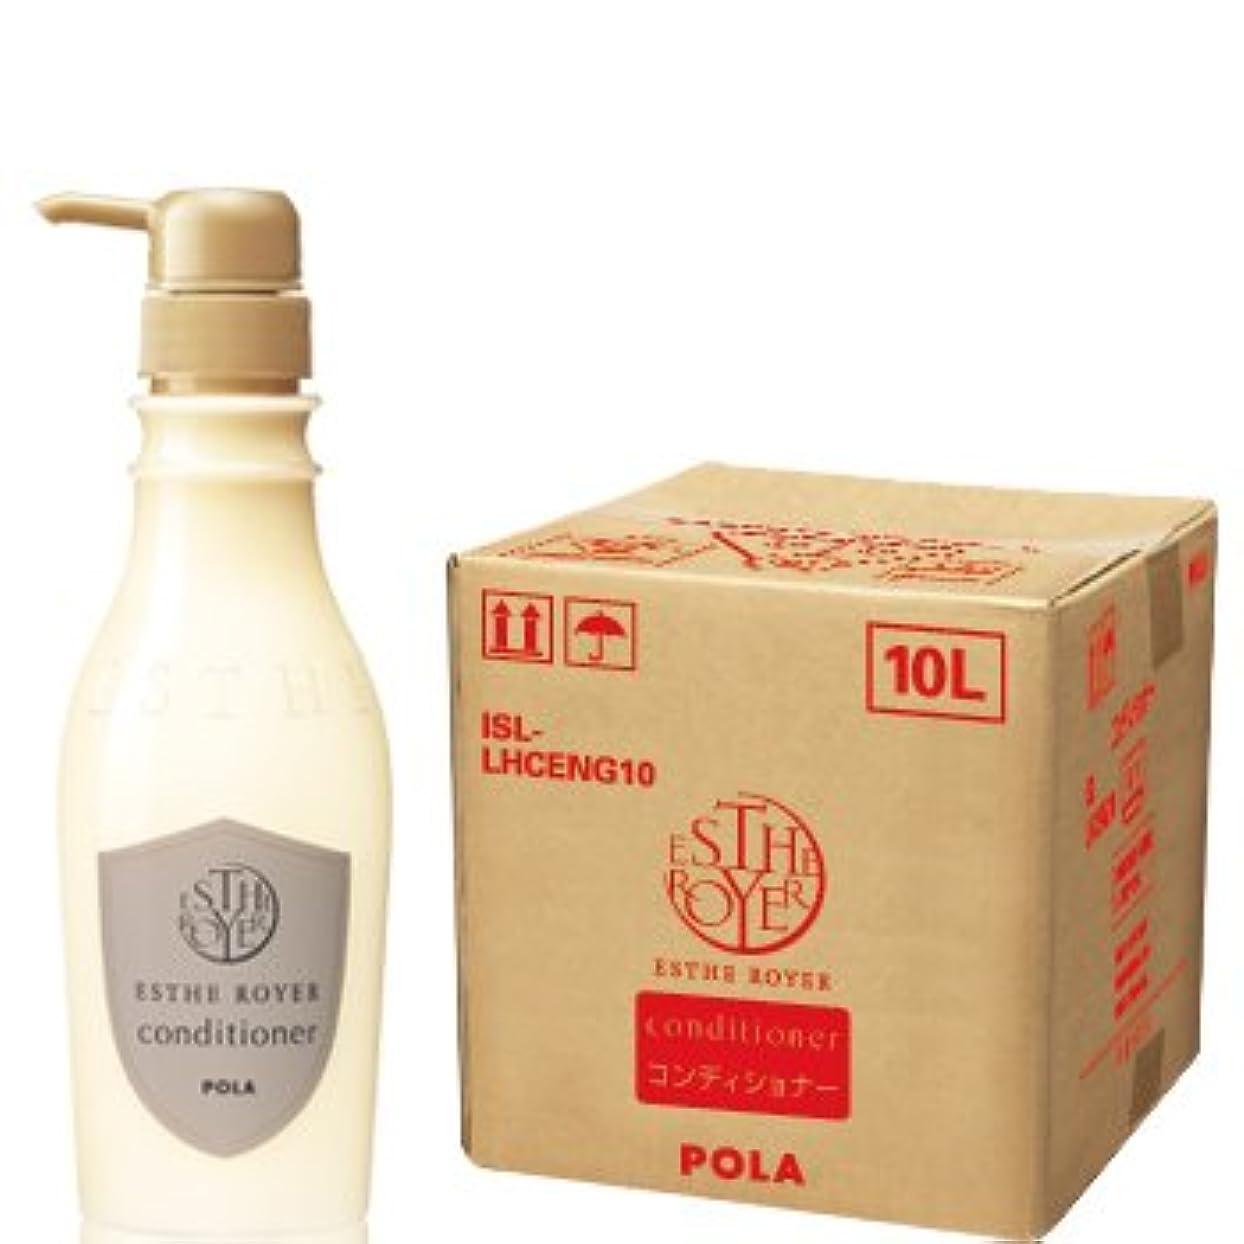 銛回復準備POLA エステロワイエ業務用 コンディショナー 10L (1セット10L入)